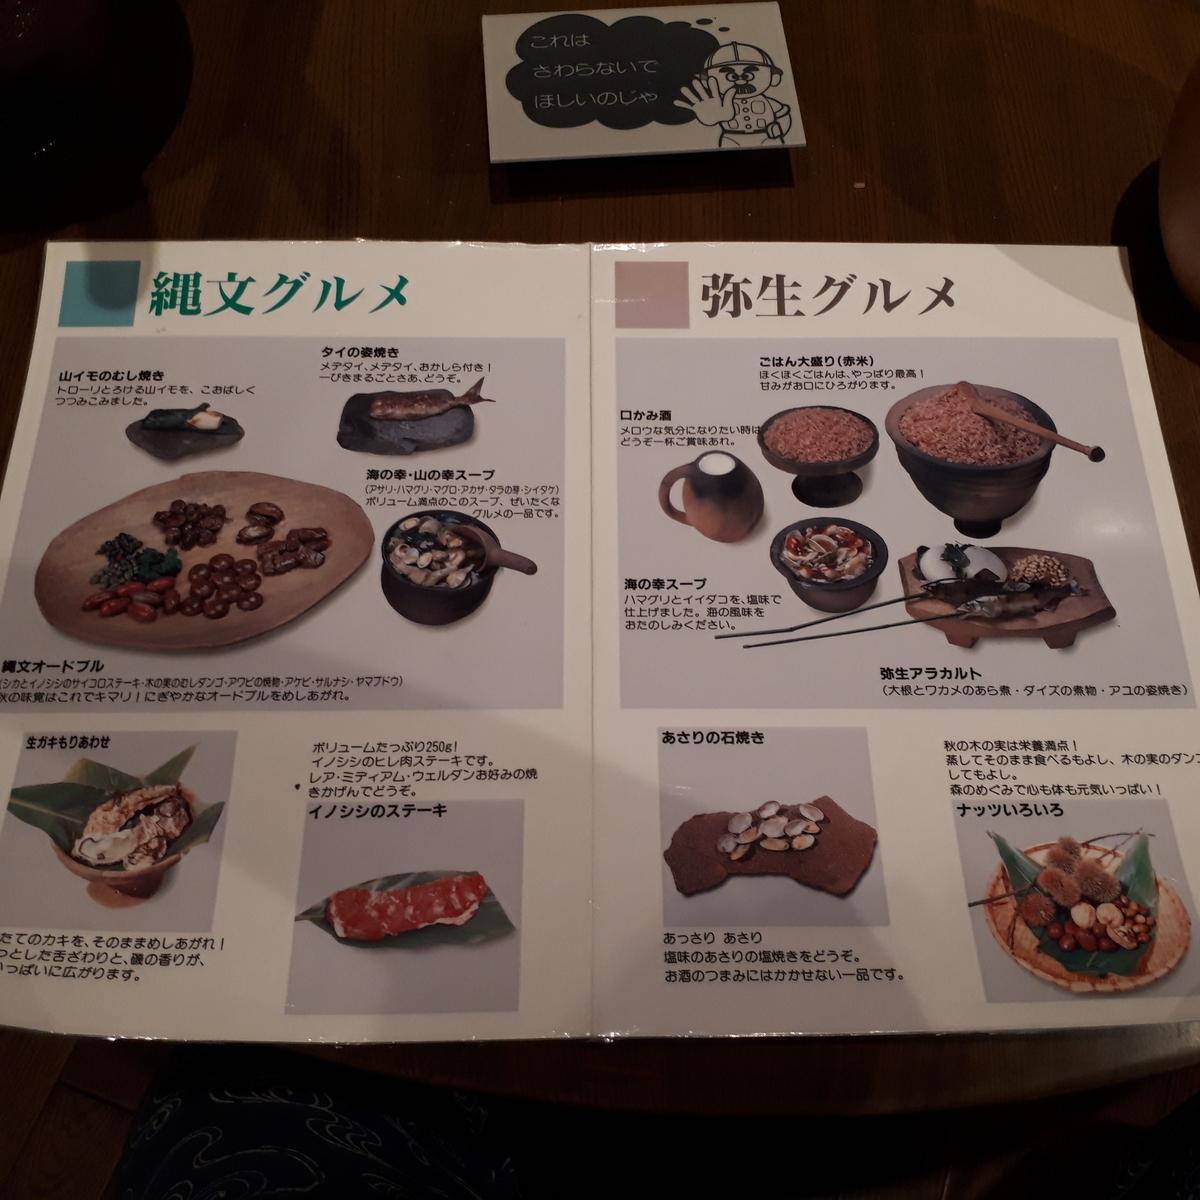 指宿市考古博物館 時遊館 Cocco はしむれ 縄文時代と弥生時代の食事